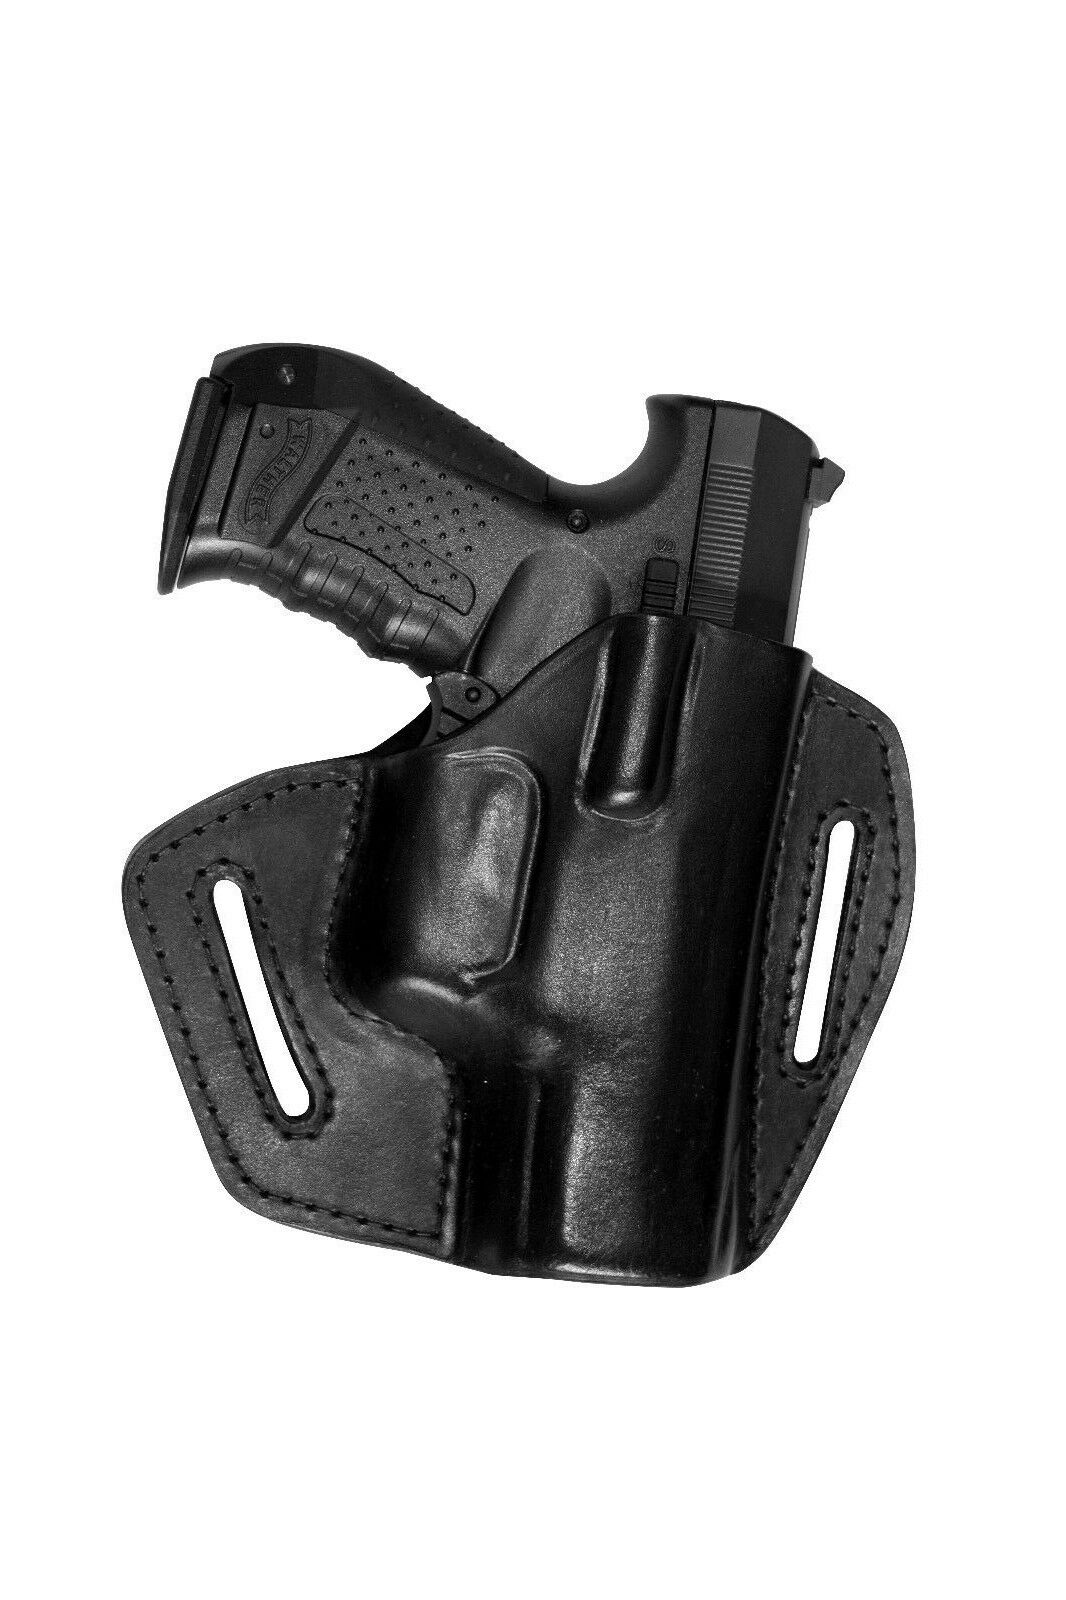 UX ISSC M22 Leder Pistolen Holster Gürtelholster für für für ISSC M22 Lederholster schw.  | Angemessene Lieferung und pünktliche Lieferung  | Geeignet für Farbe  9e663e